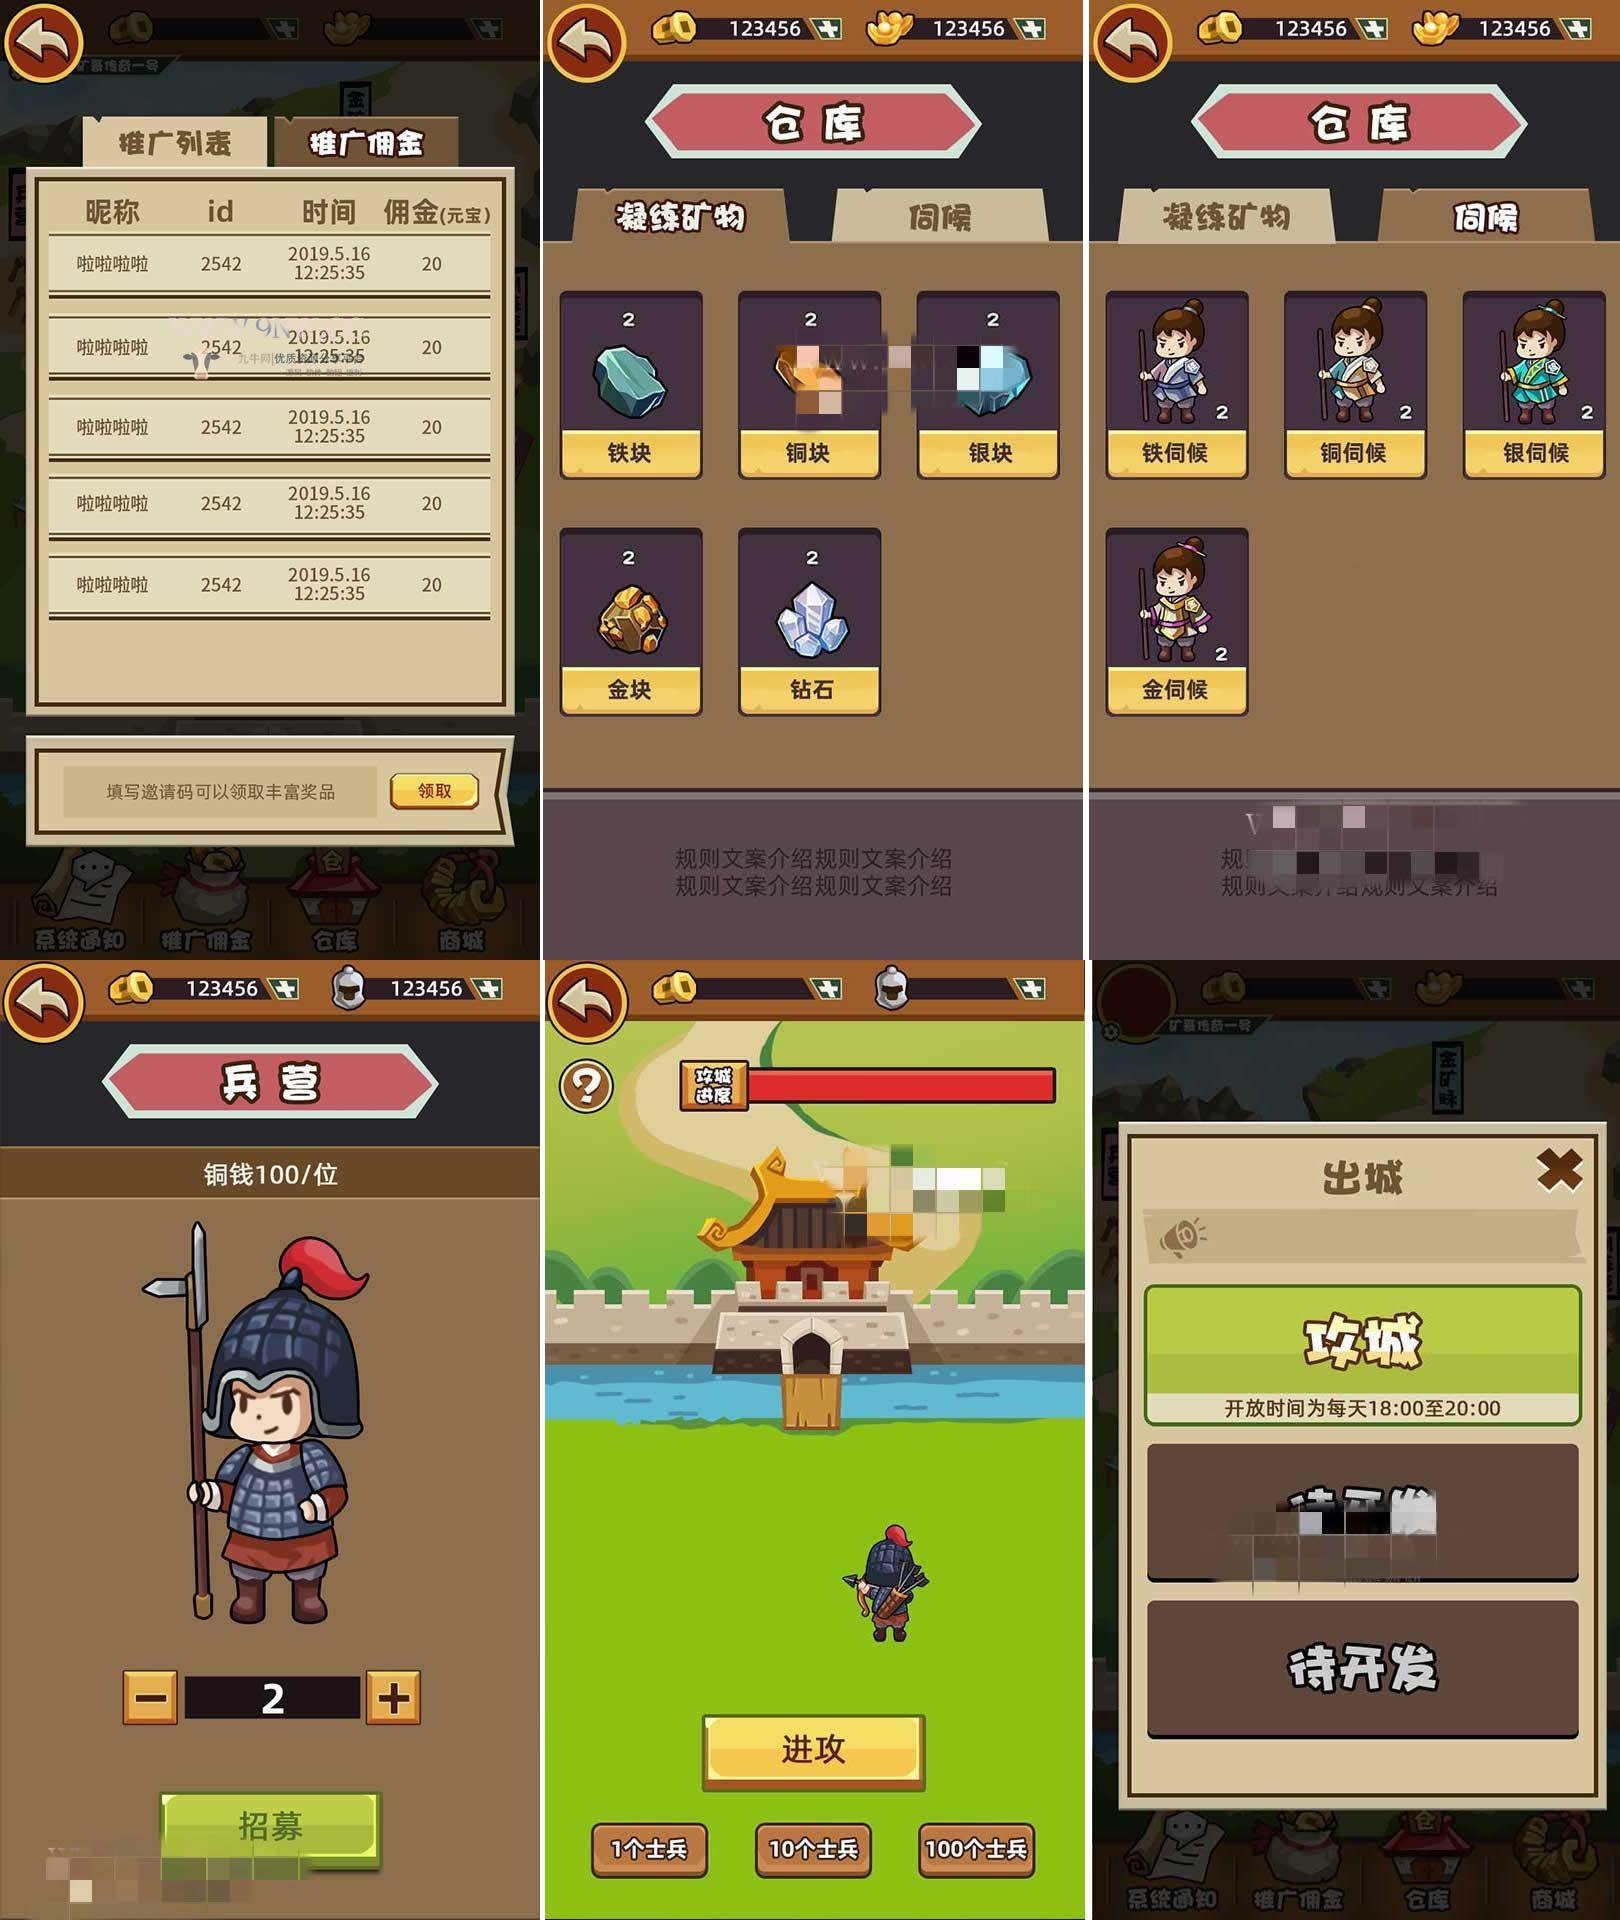 矿哥传奇 集挖矿 玩家对战 攻城为一体的传奇区块链游戏-找主题源码